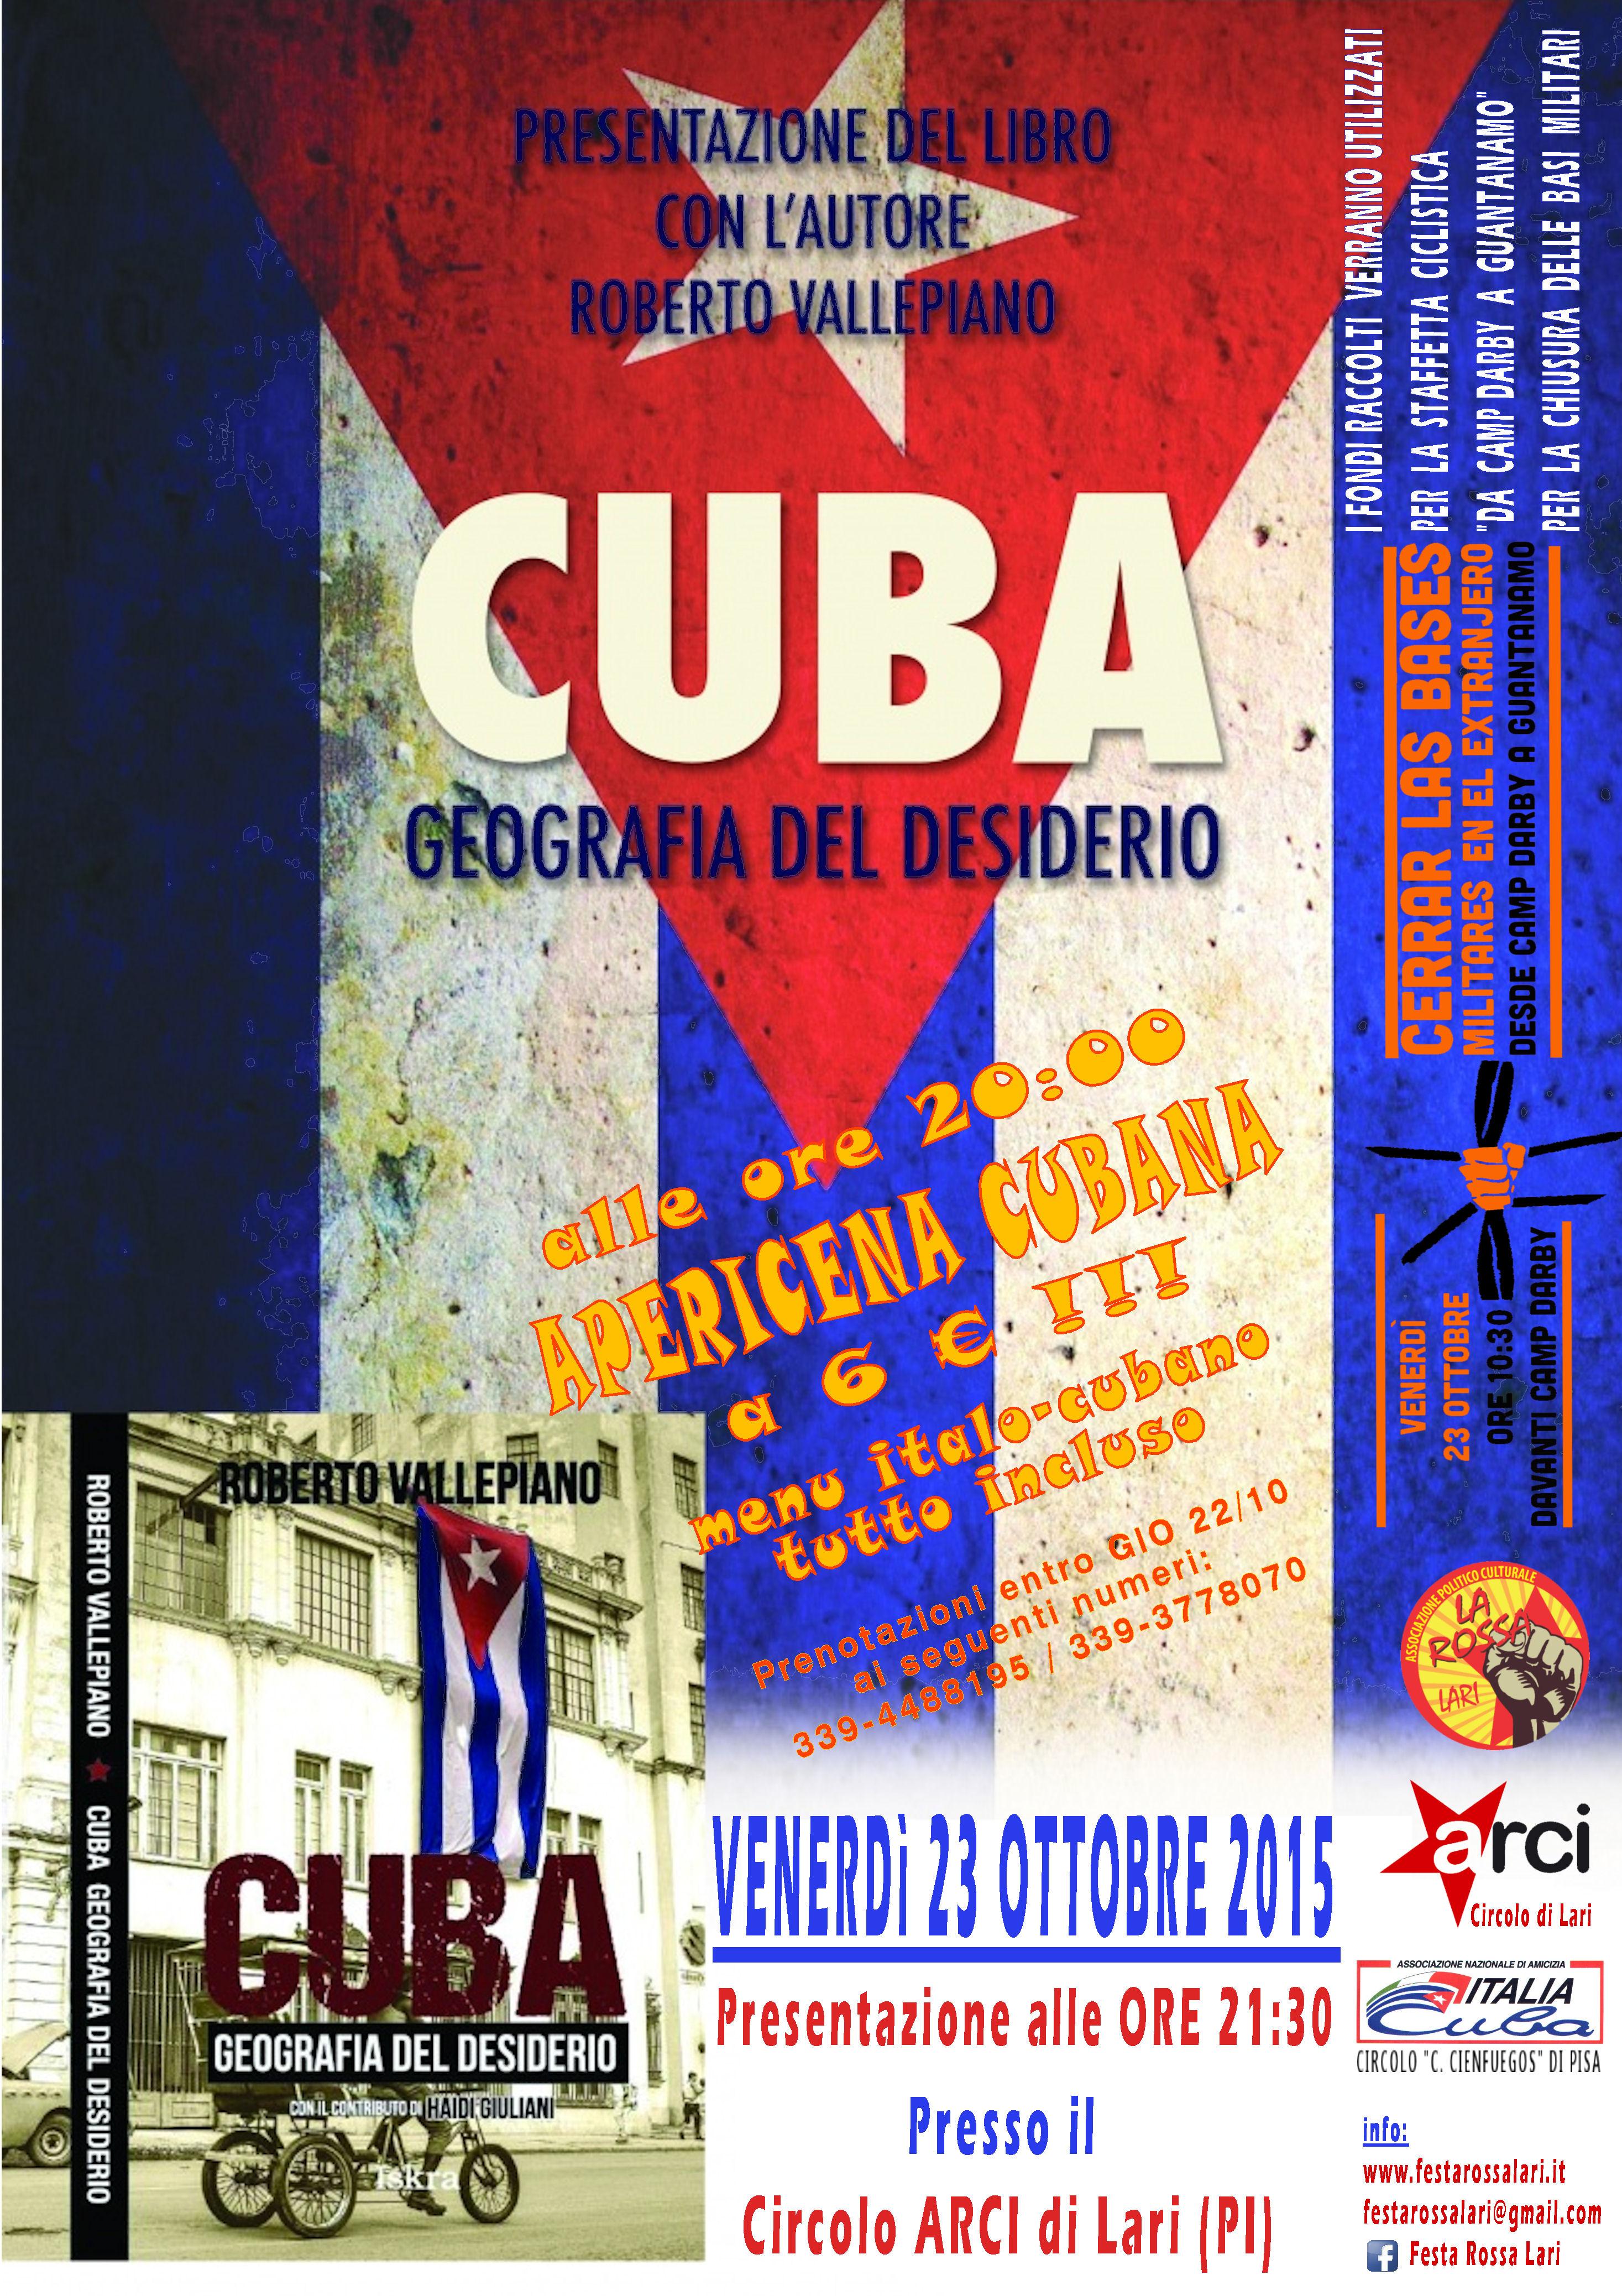 2015.10.23_Cuba Geografia del Desiderio